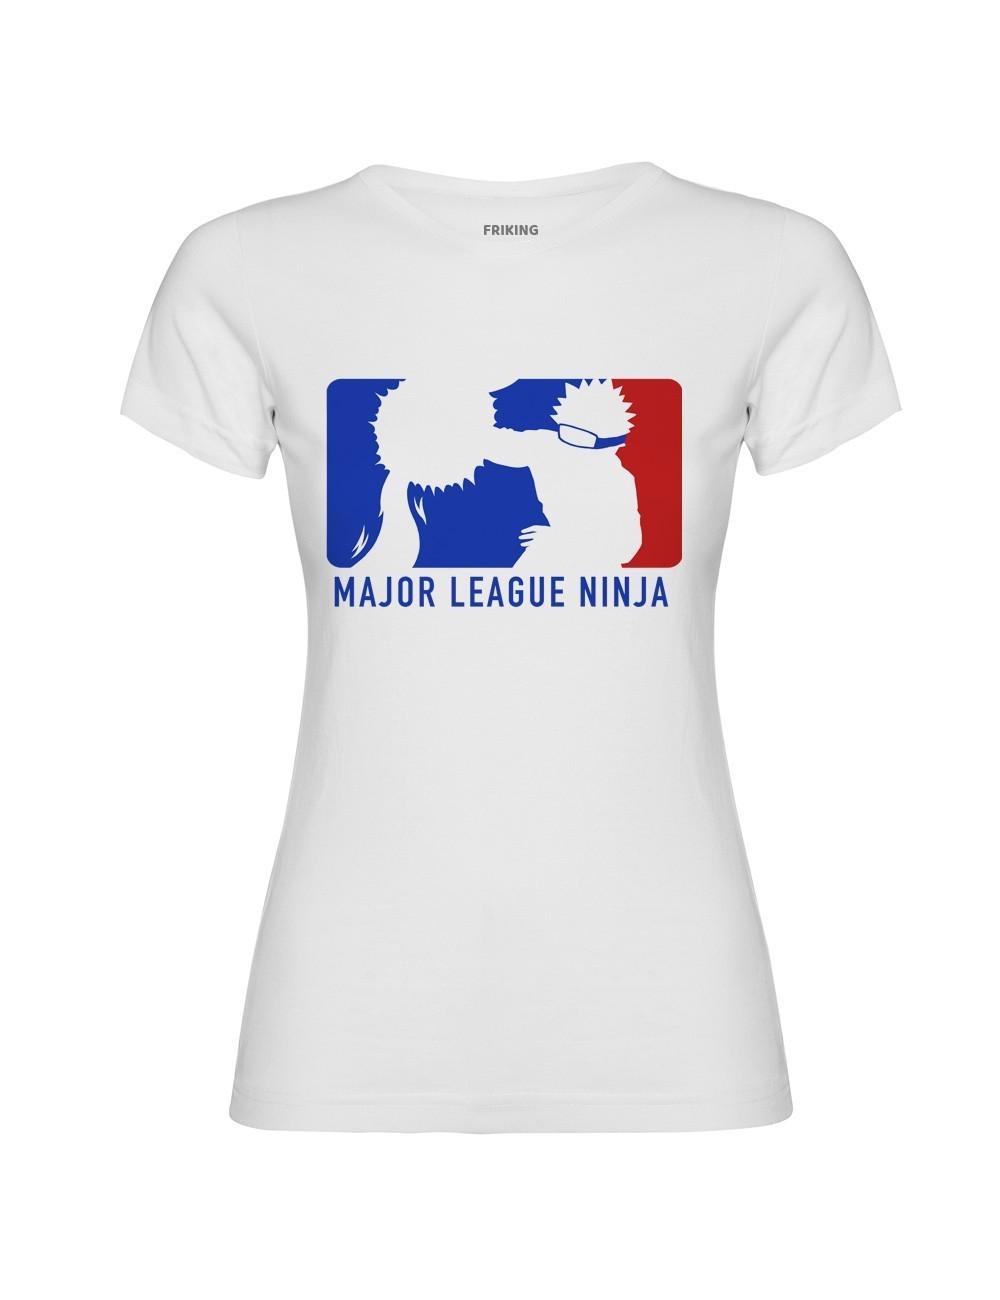 Major league ninja